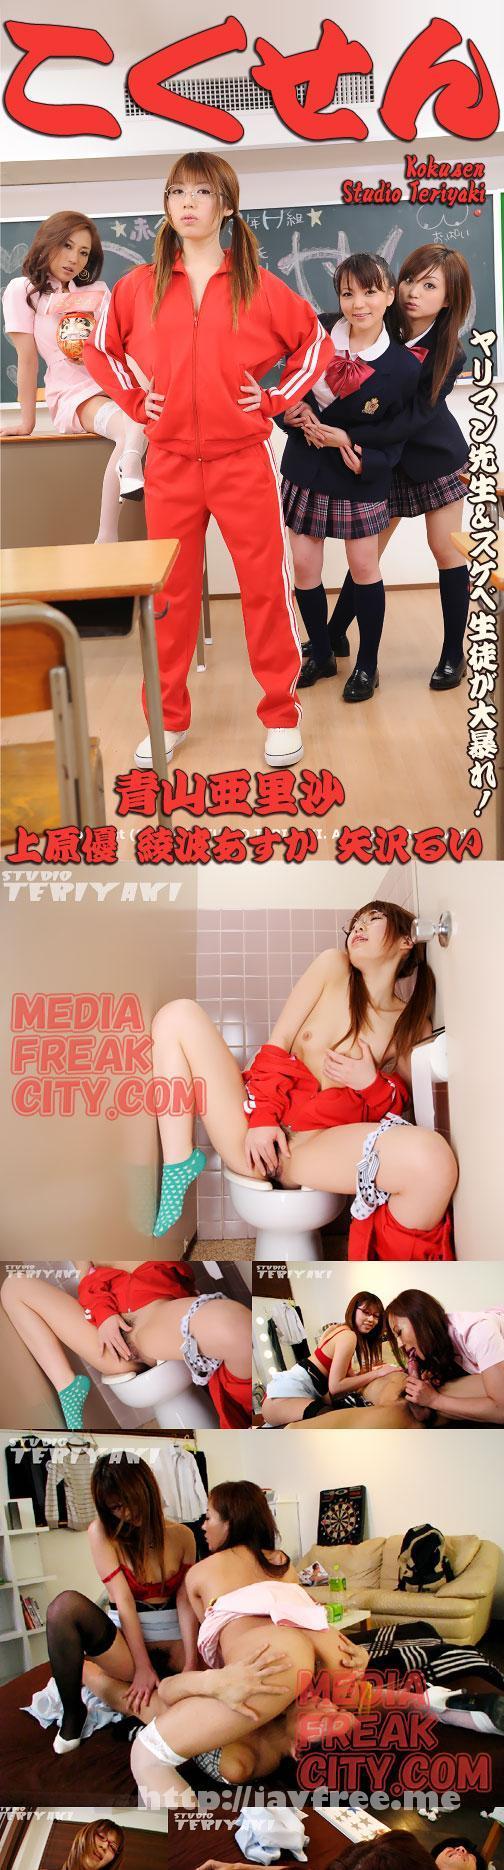 [CT-12] こくせん : 青山亜里沙, 上原優, 綾波あすか, 矢沢るい - image CT-12_1 on https://javfree.me